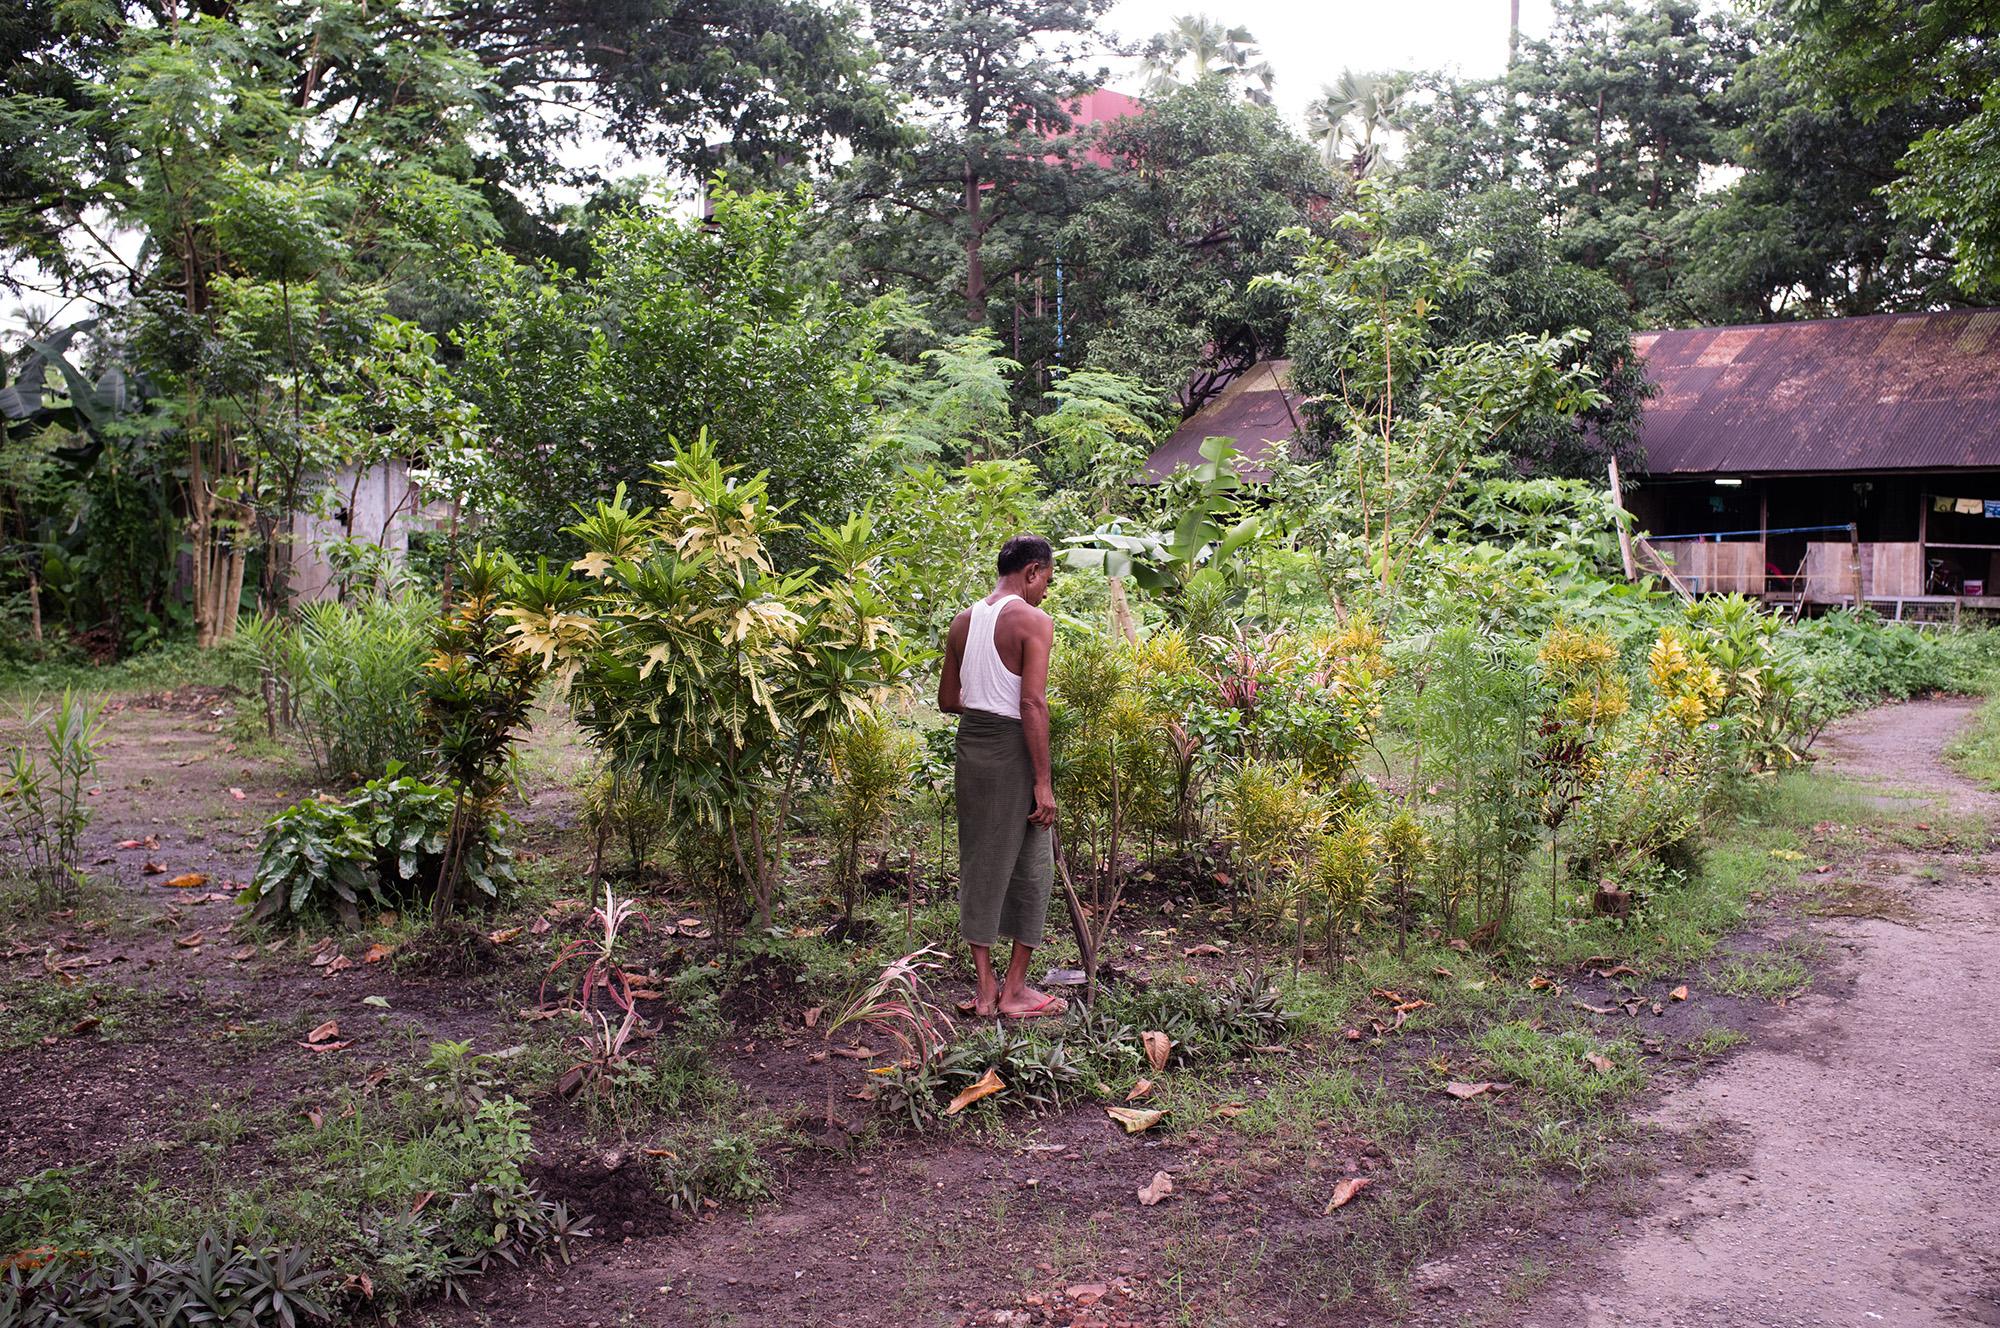 Tending to his garden.